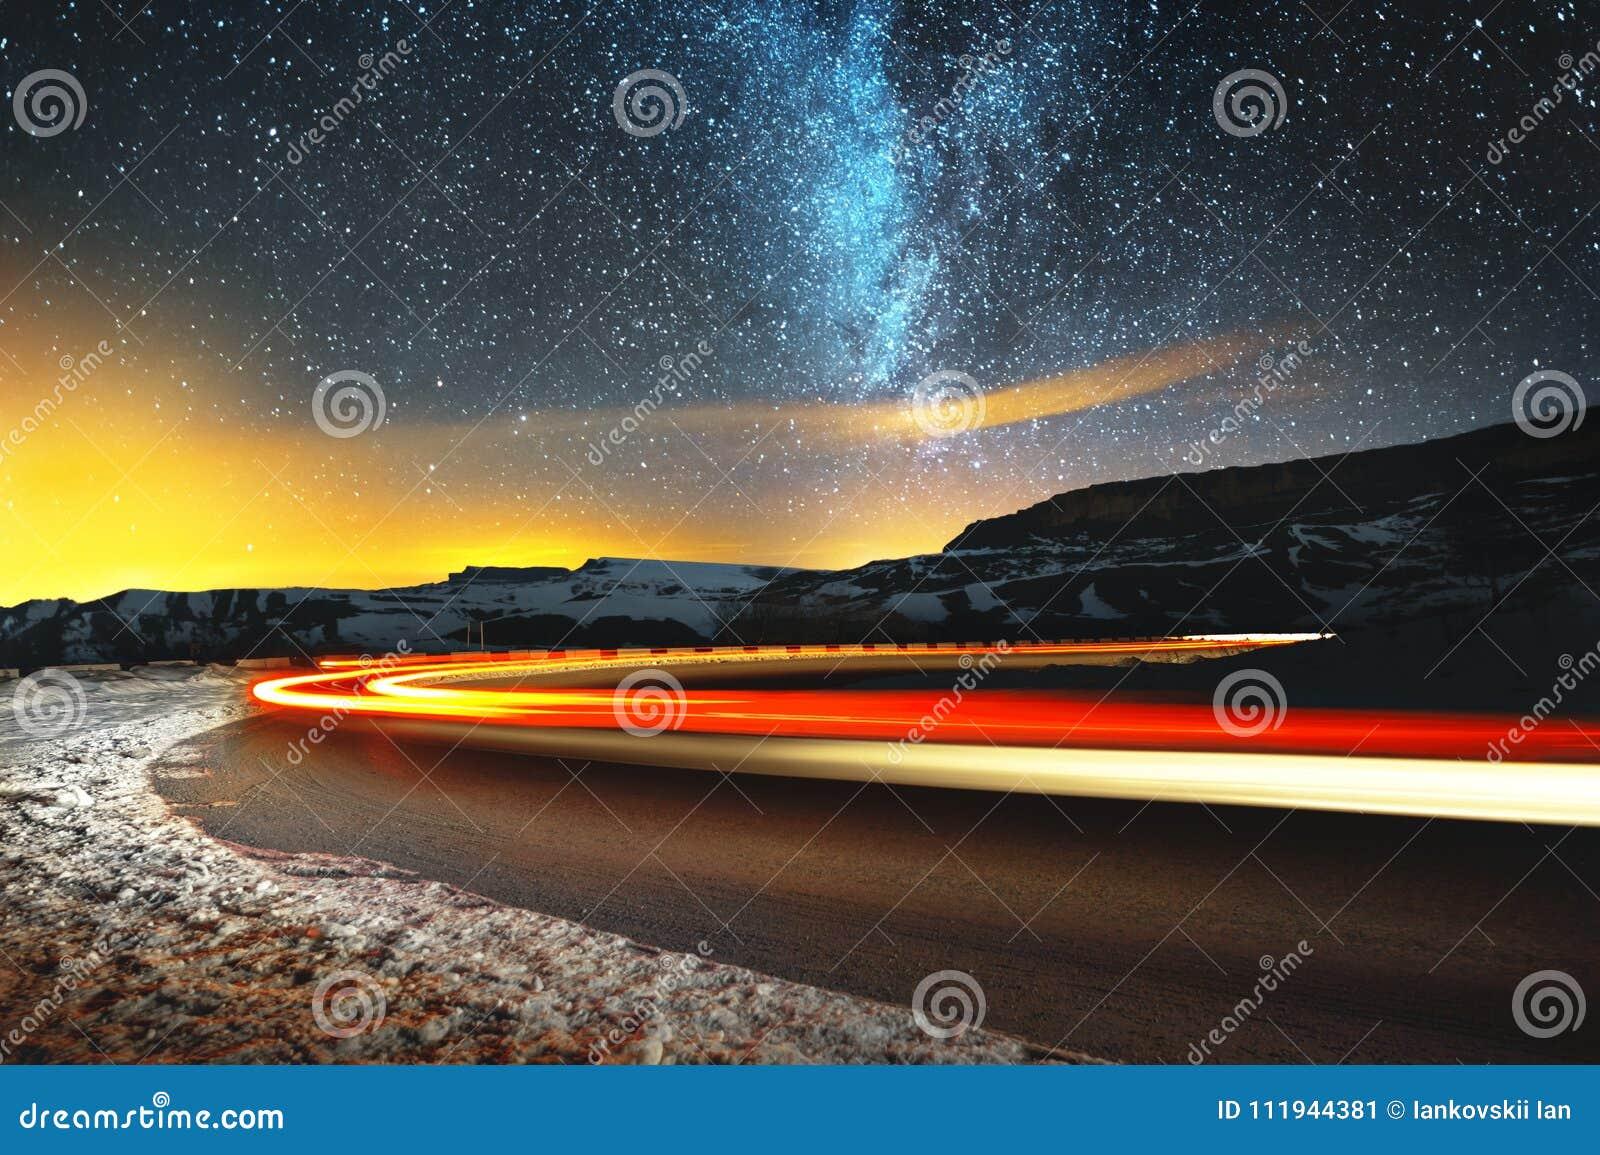 För bildinstallation för bakgrund härligt bruk för tabell för foto för natt för liggande Natthimmel med en norr halvklotVintergat